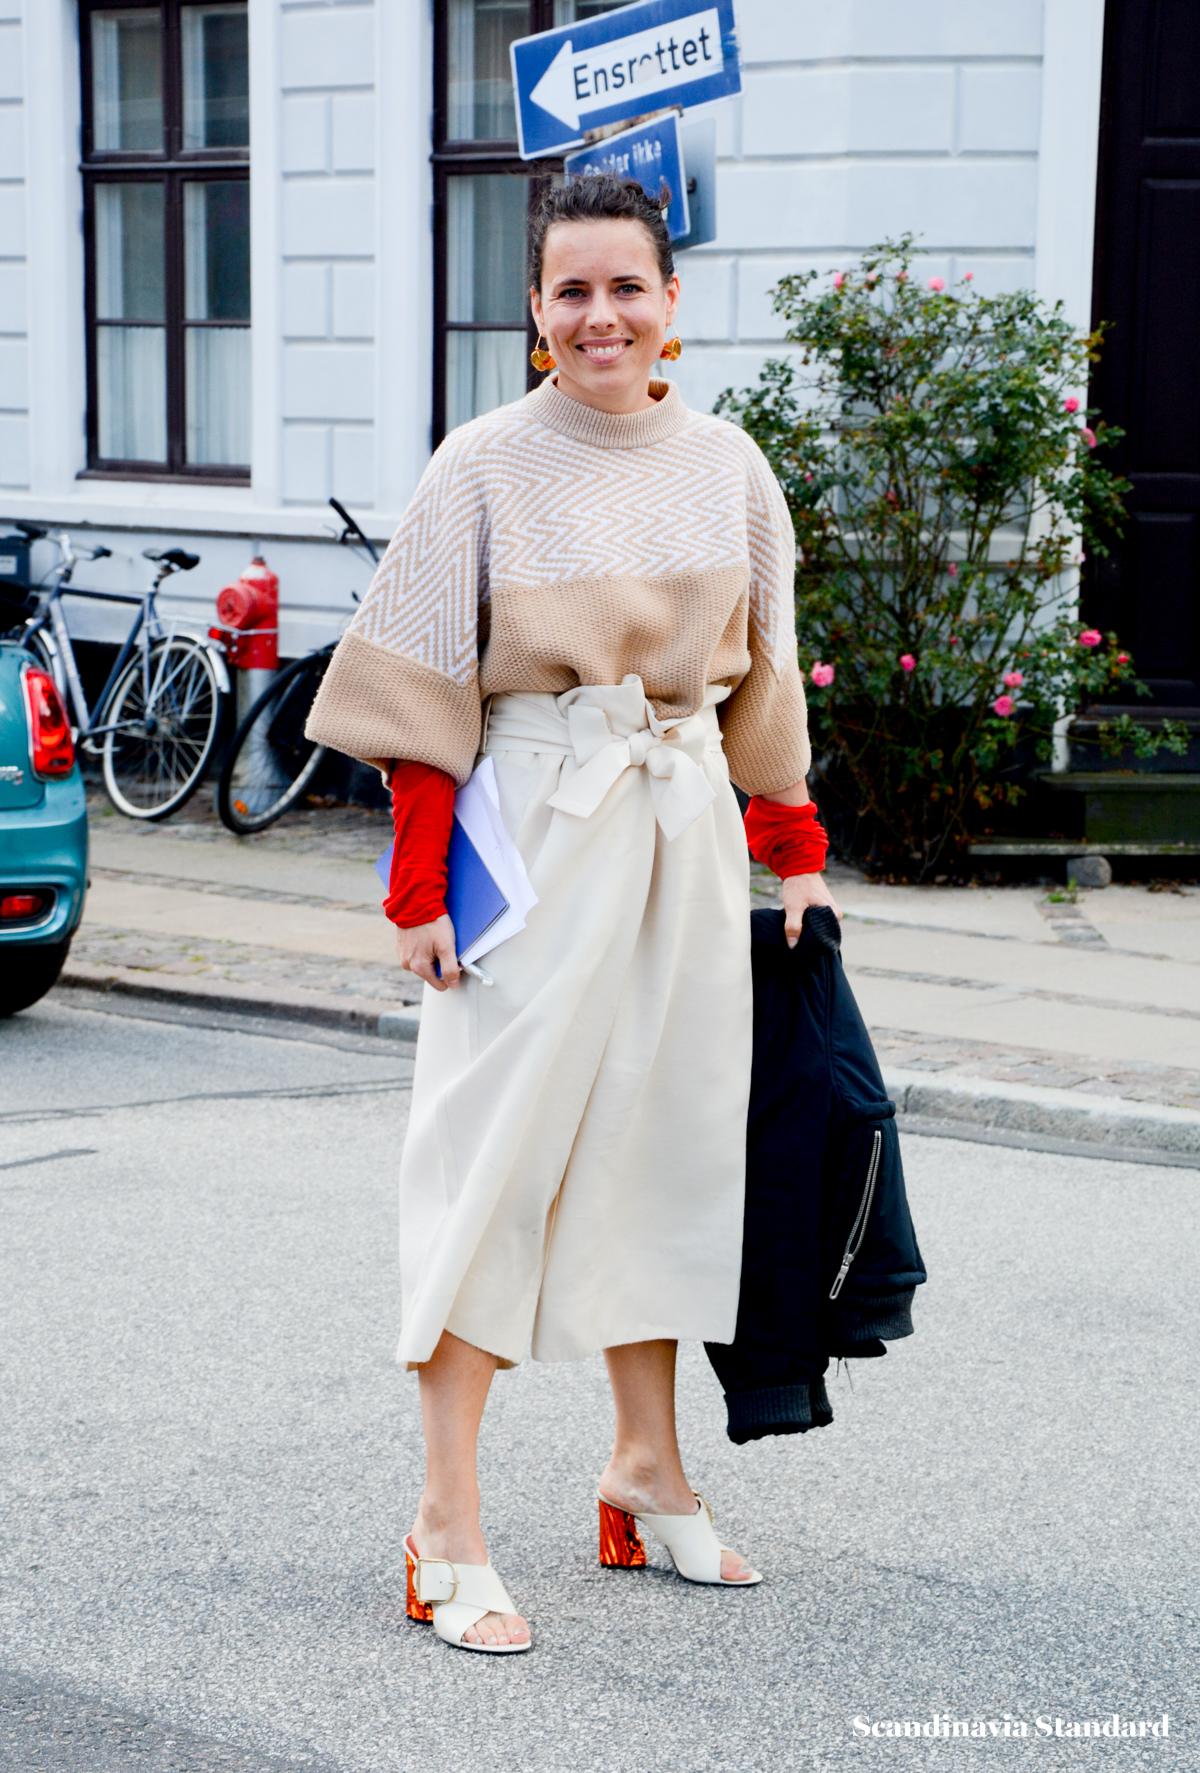 The Best Copenhagen Fashion Week Street Style SS17 | Scandinavia Standard - DSC_5107